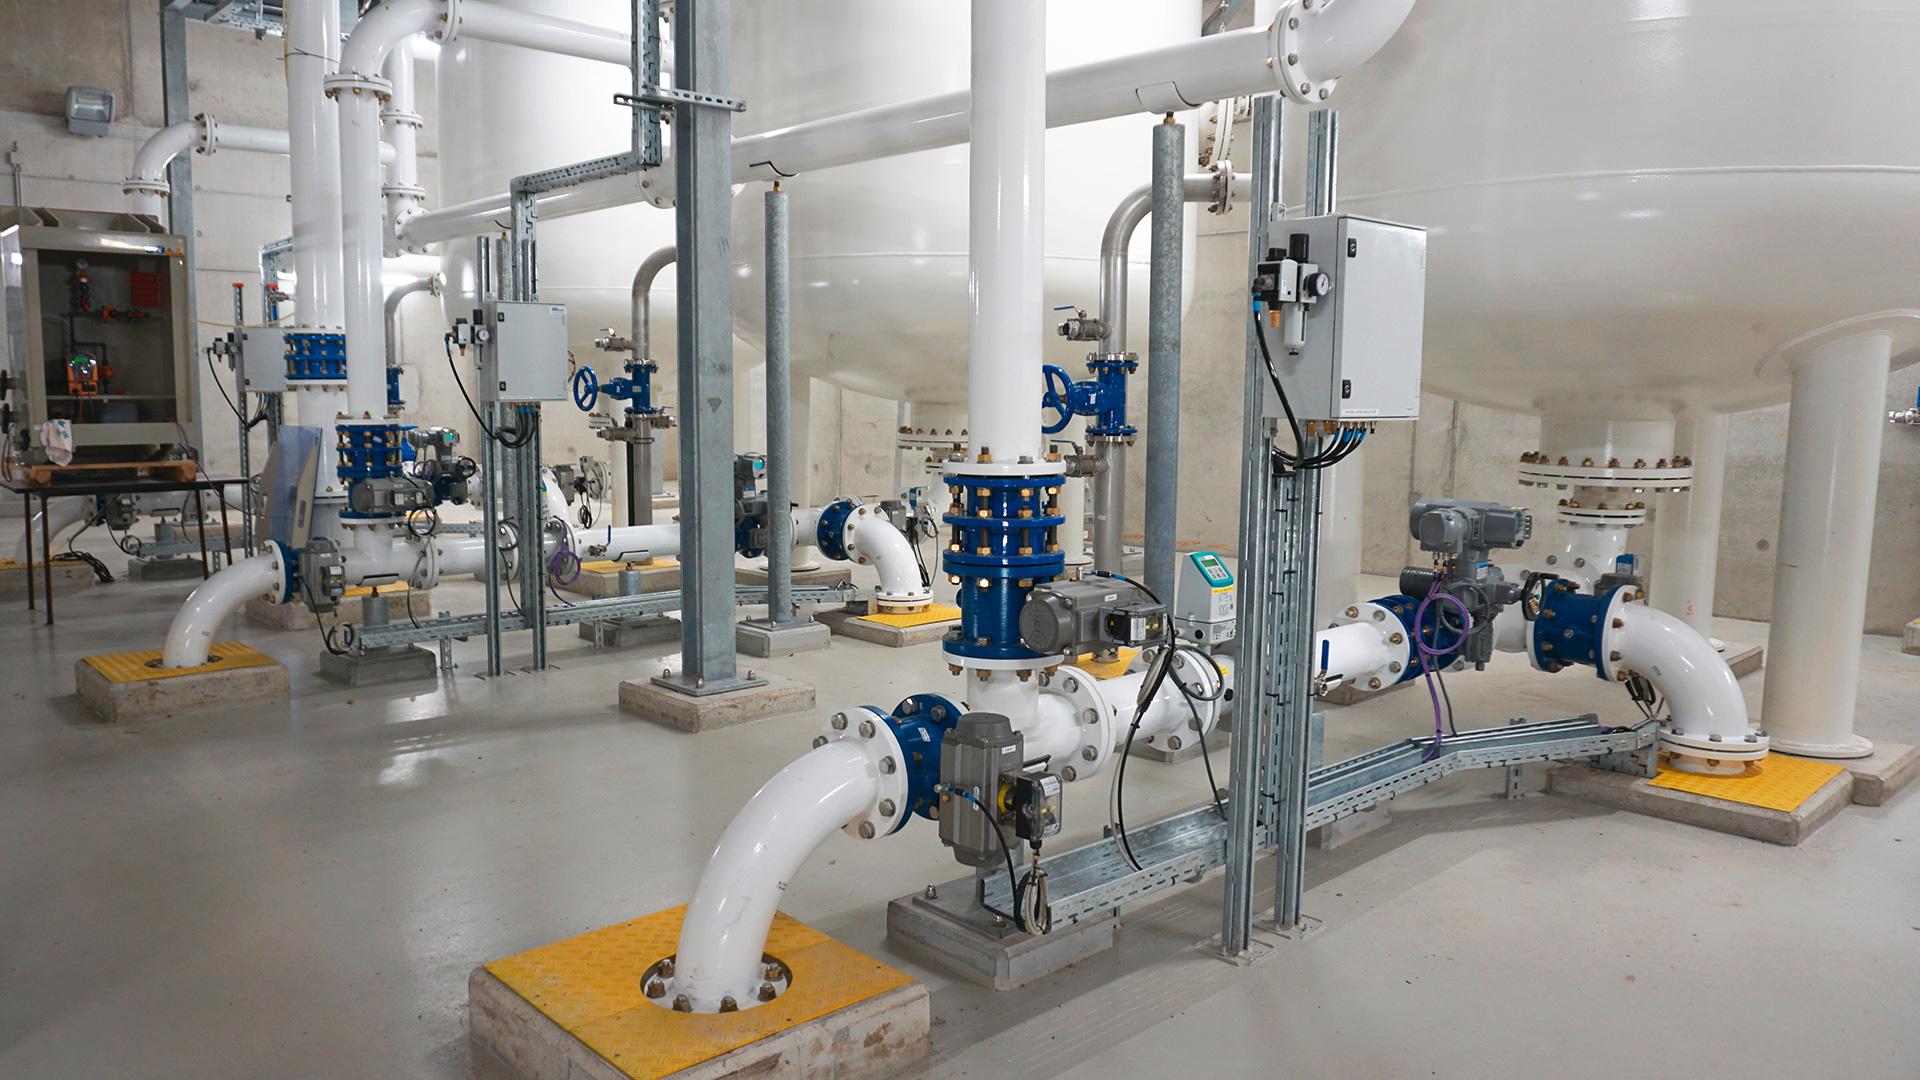 Belgium Water Treatment plant in Eeklo